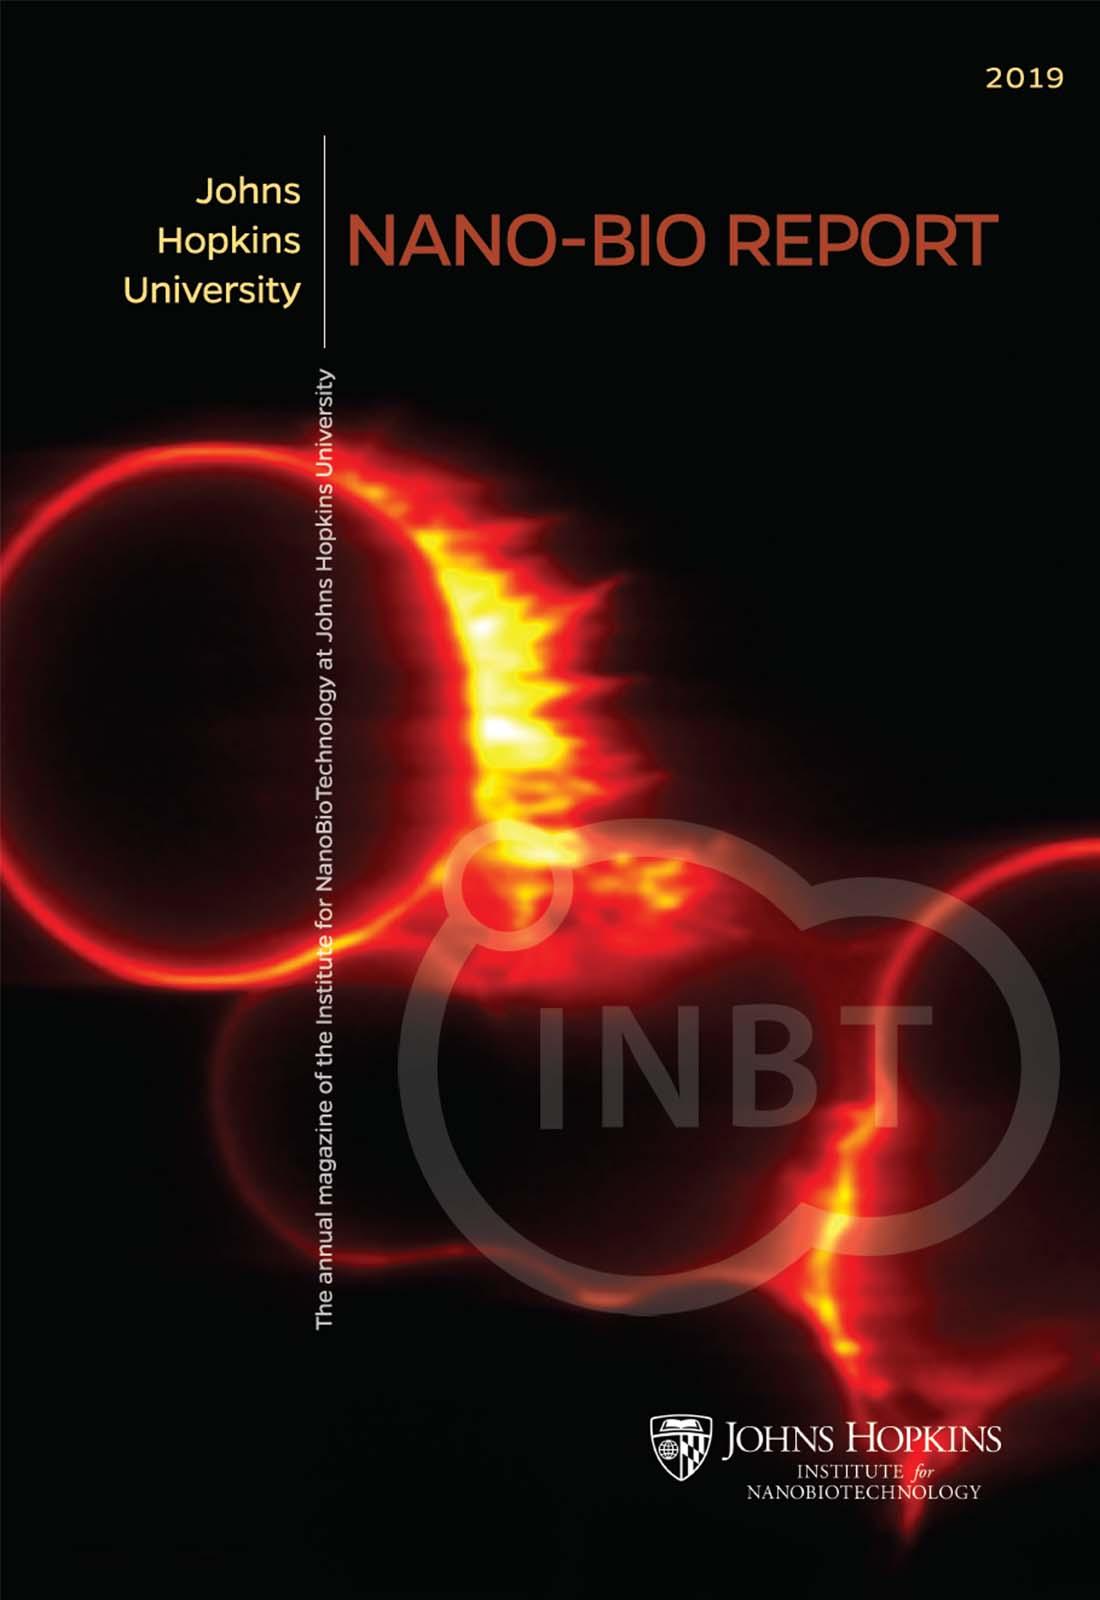 Nano-Bio Report 2019 Cover